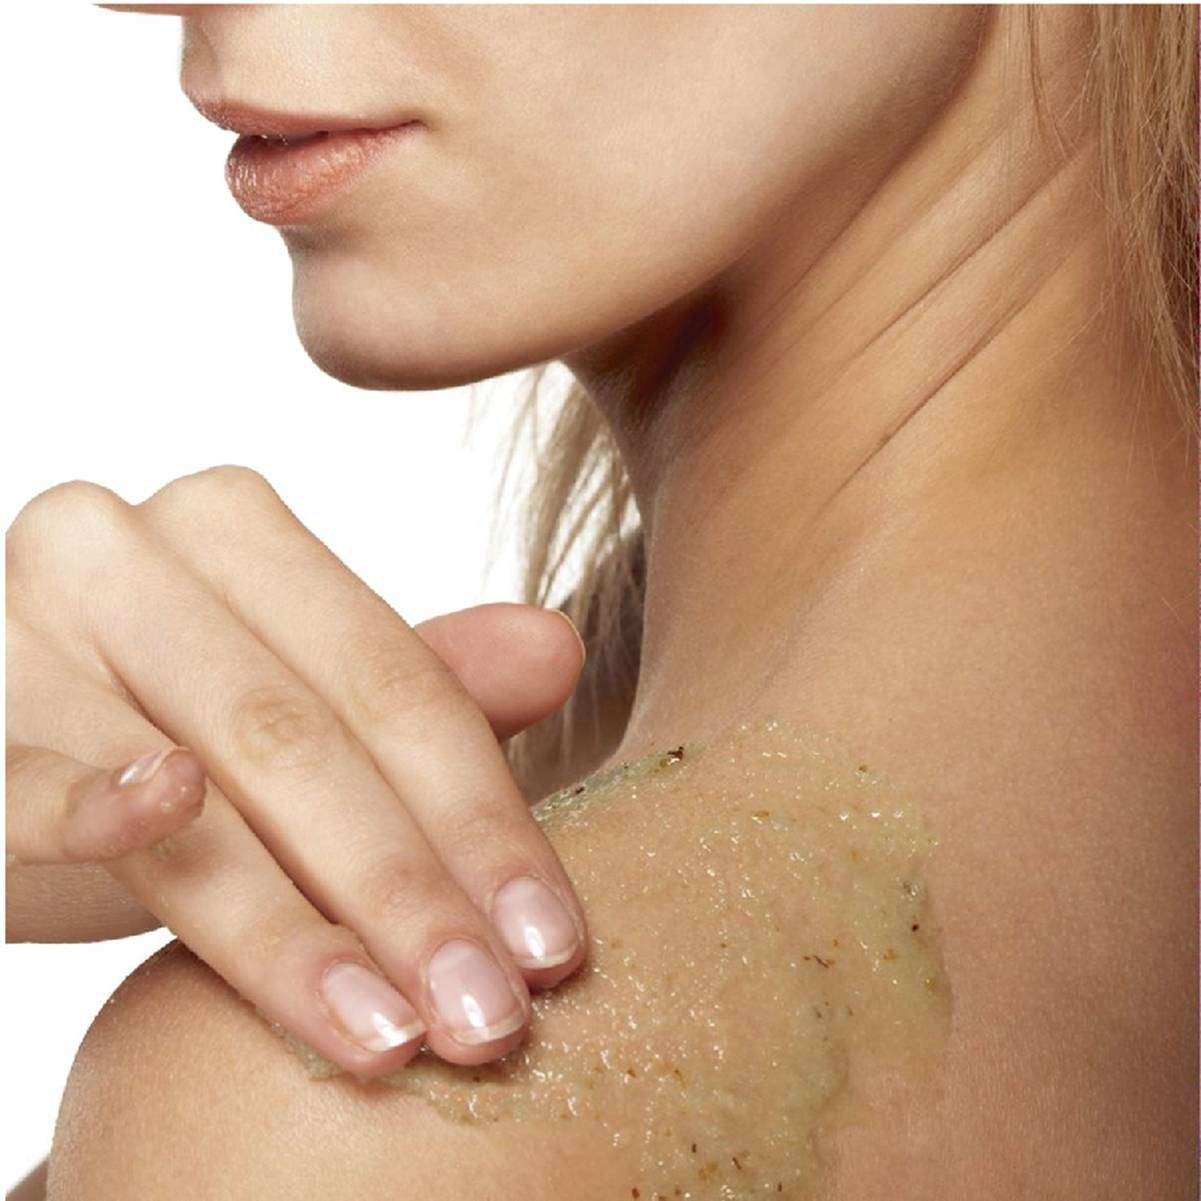 Receita caseira de esfoliação deixa a pele linda e renovada. Foto: Reprodução